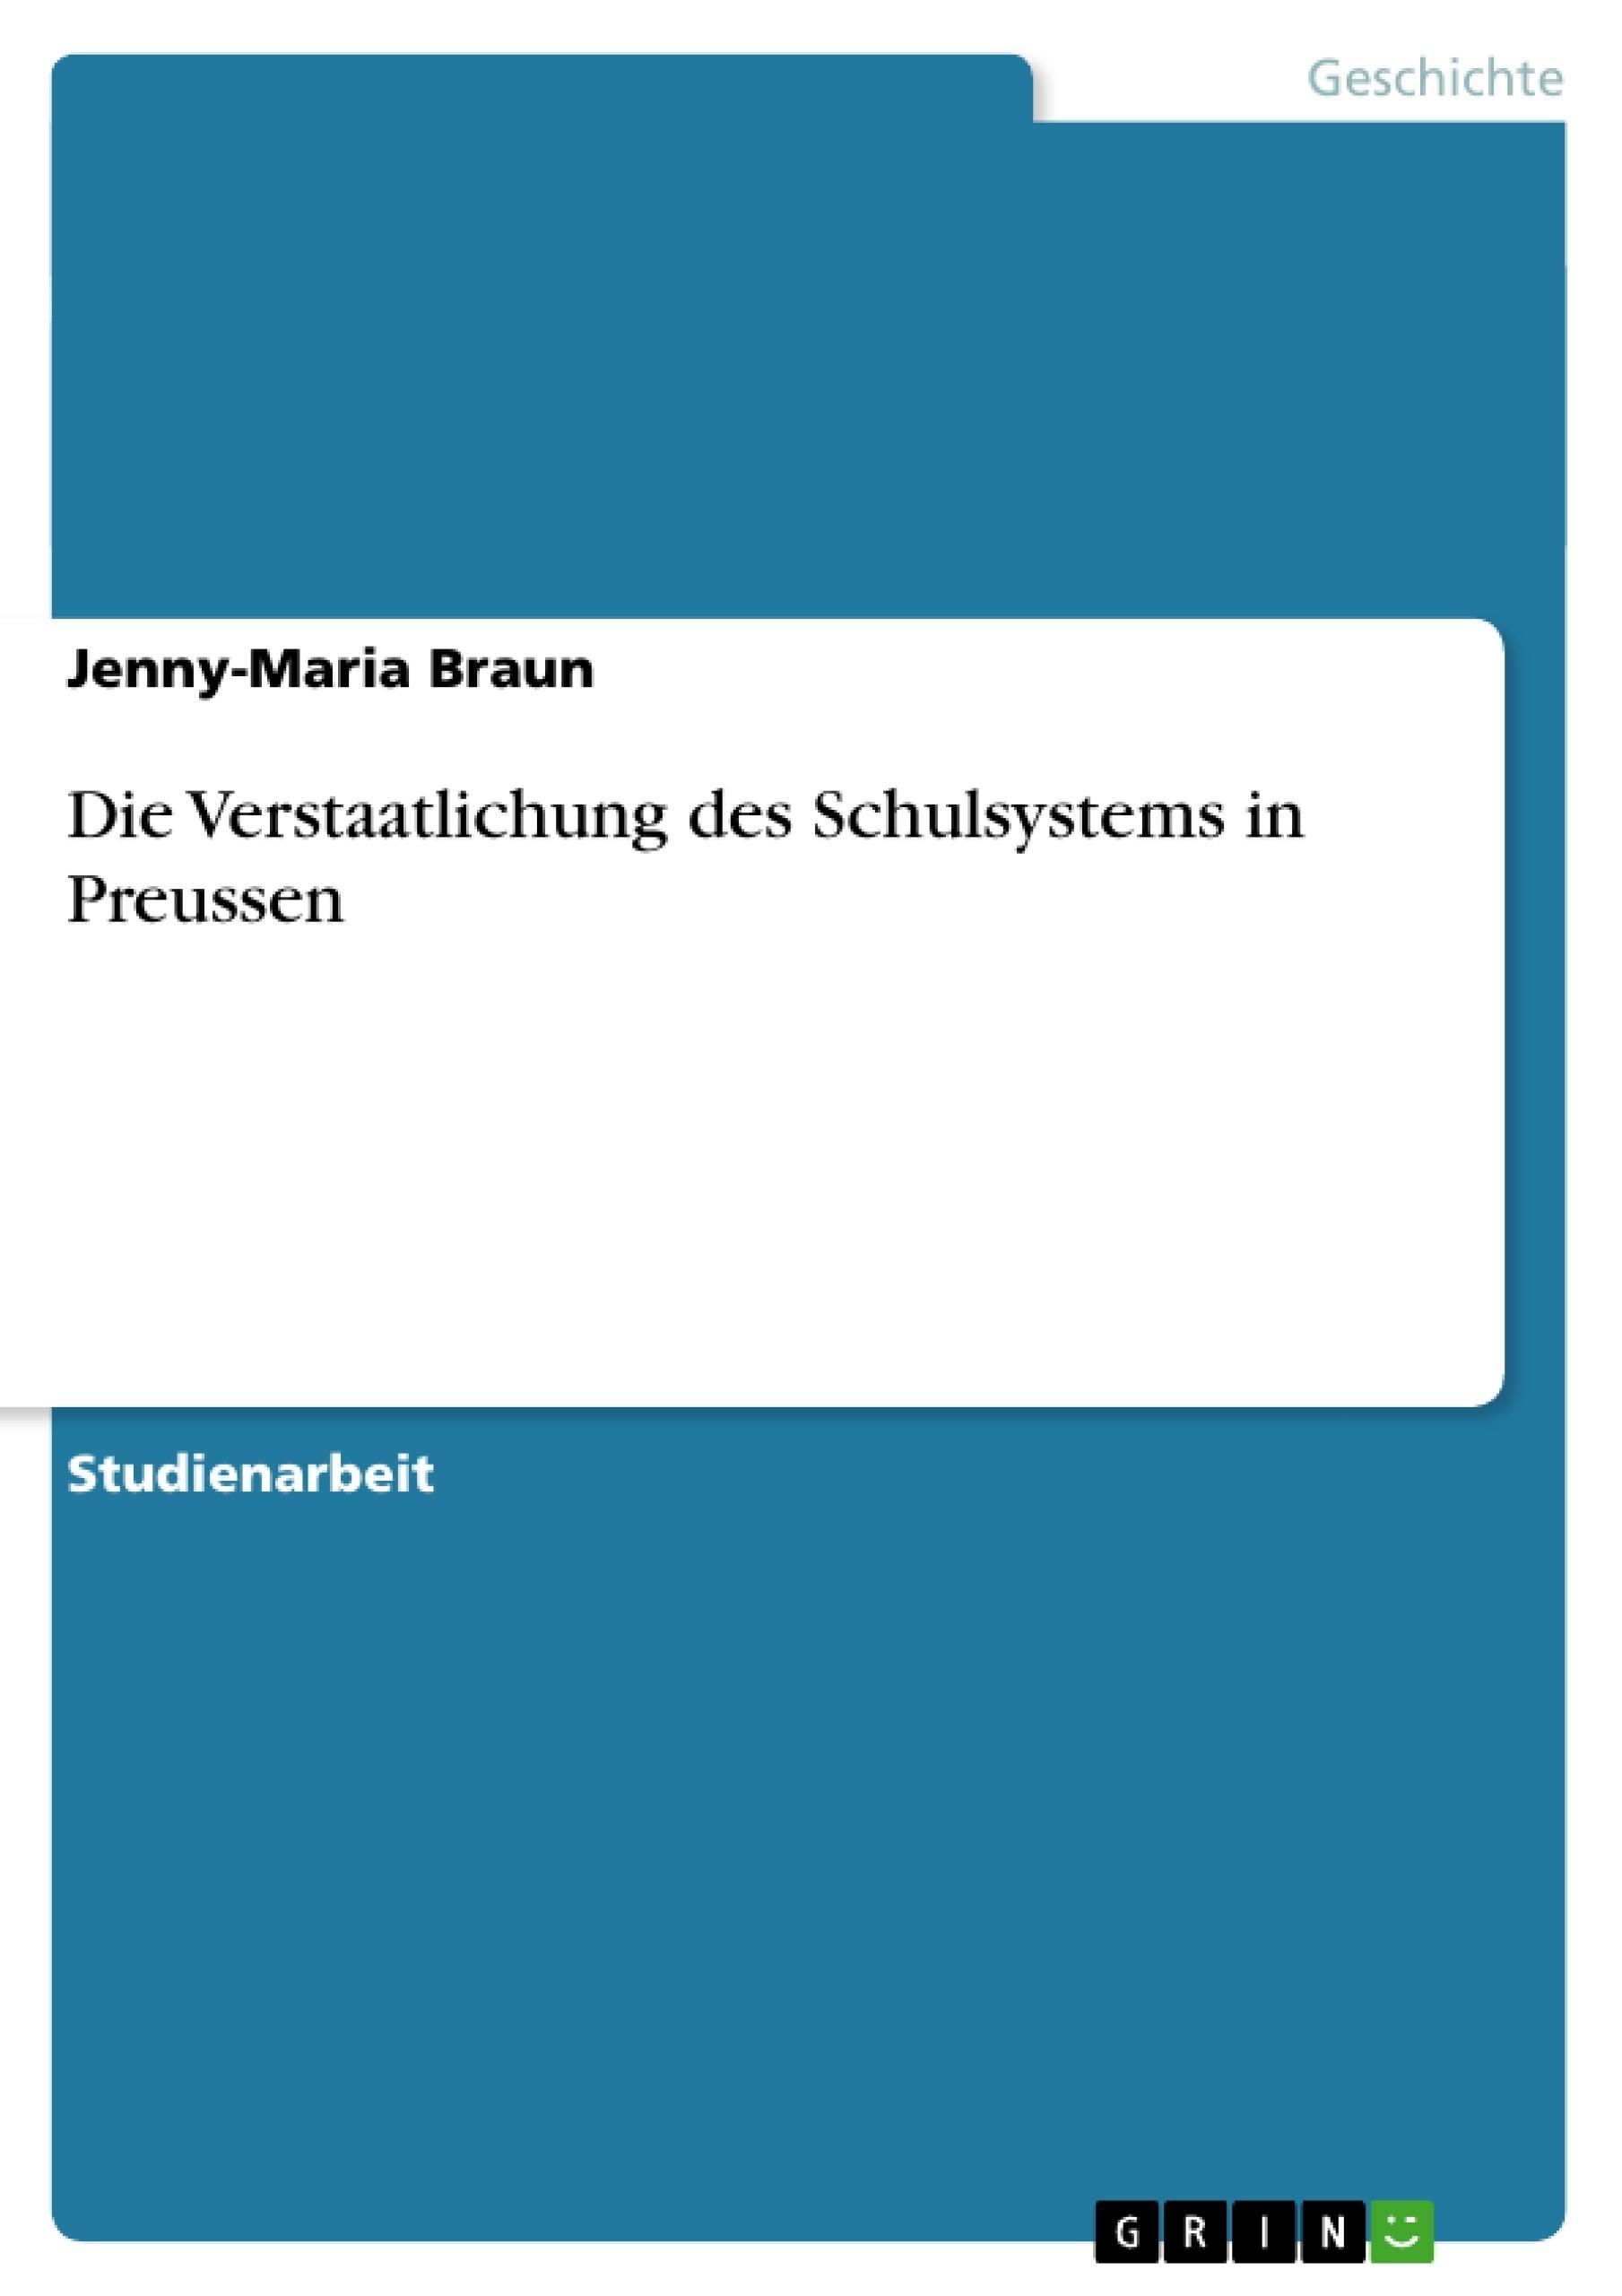 Titel: Die Verstaatlichung des Schulsystems in Preussen